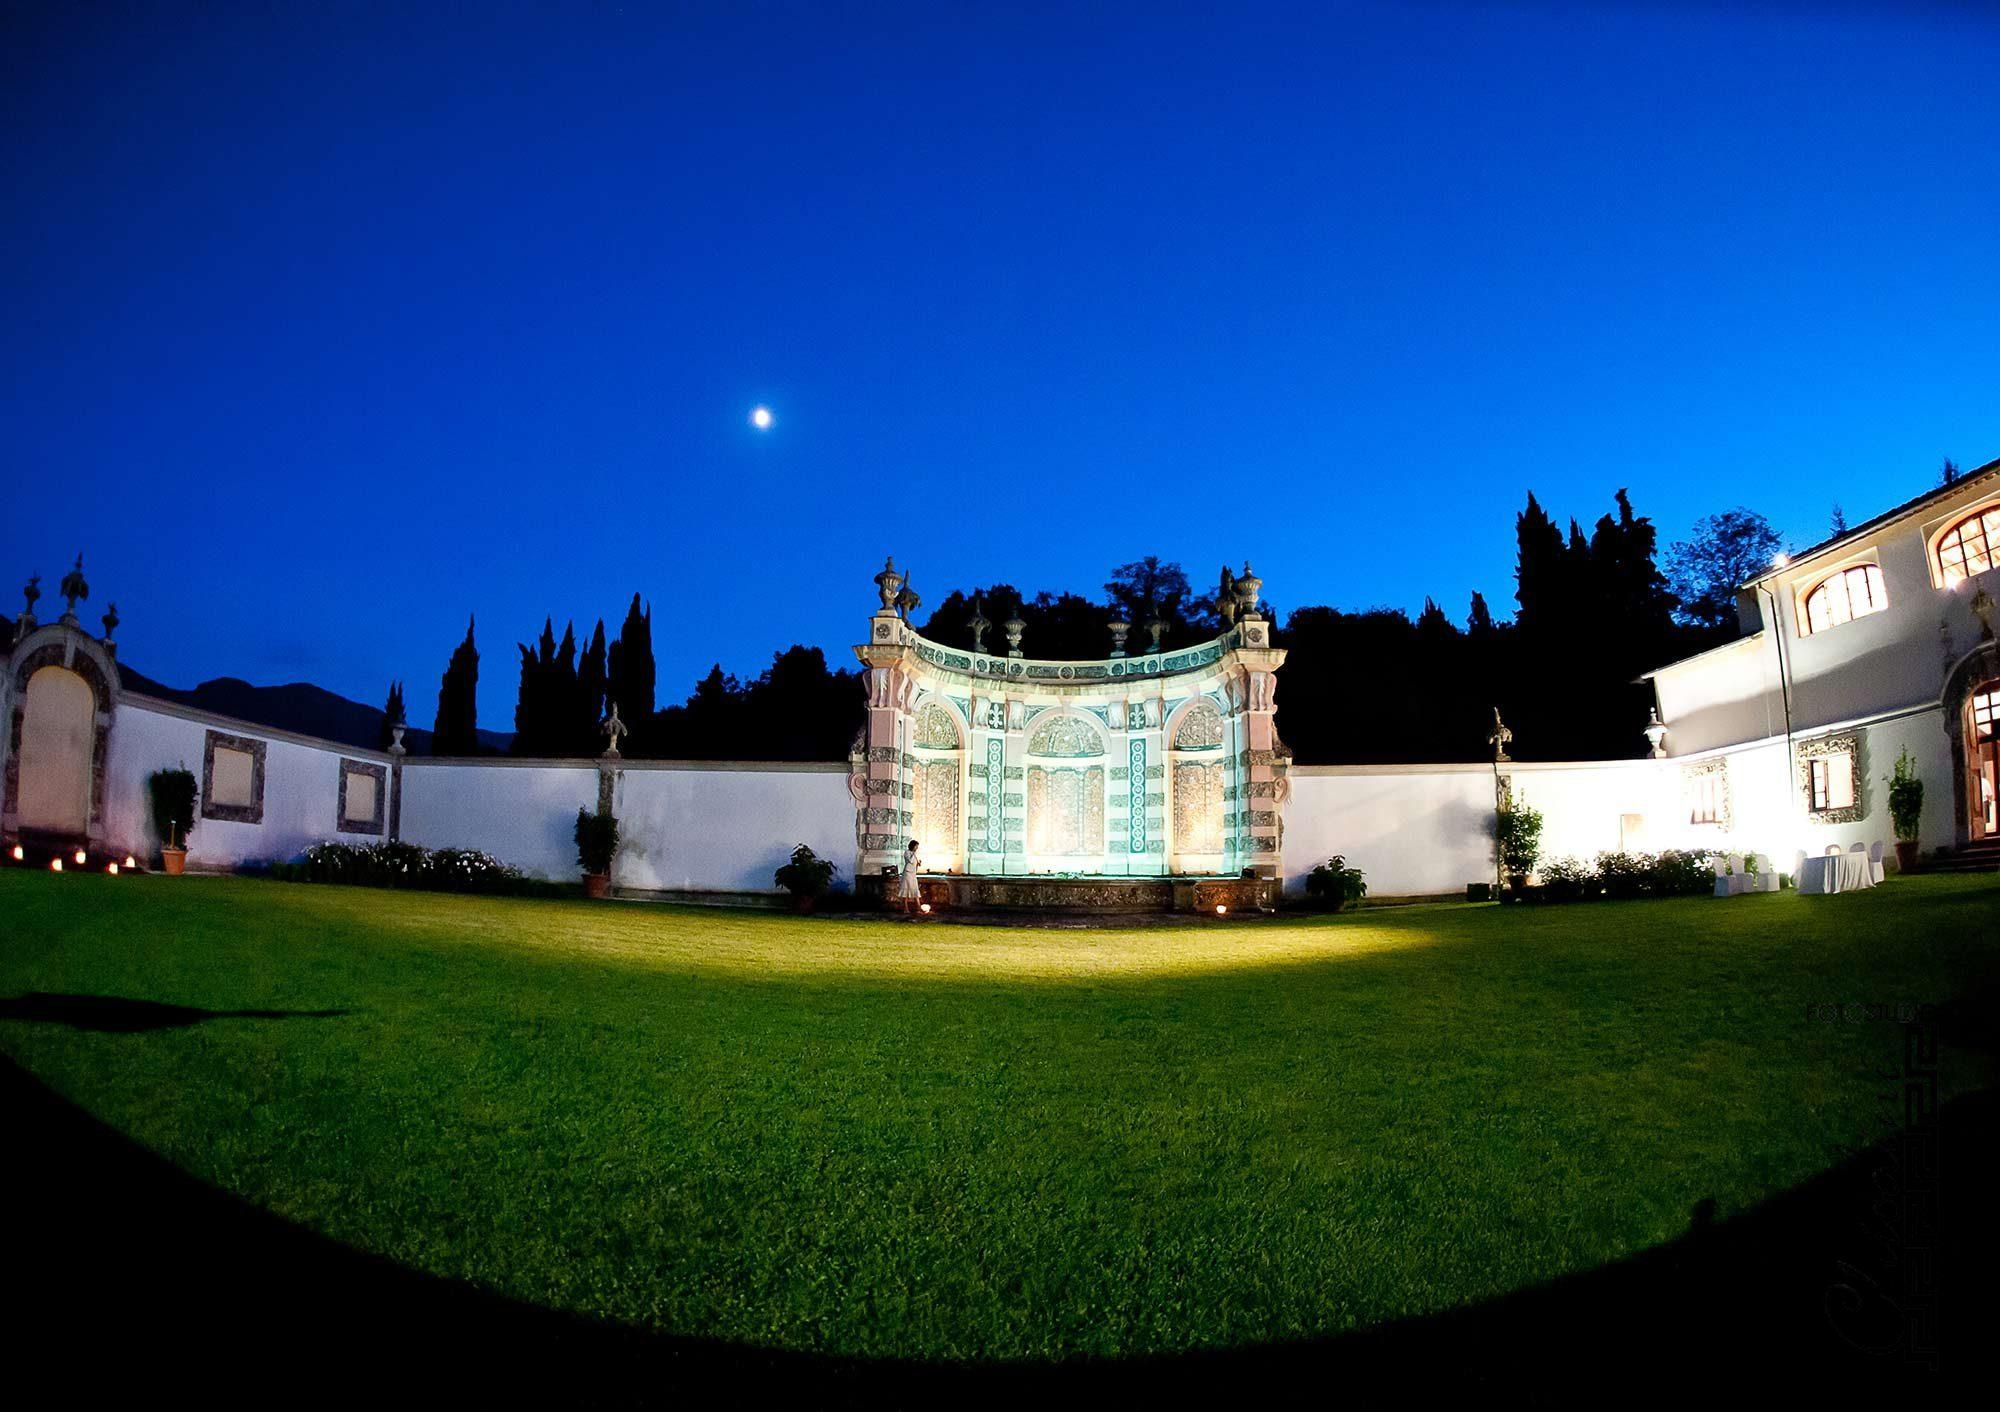 Splendida location per matrimoni Foto a colori, Villa Il Mulinaccio